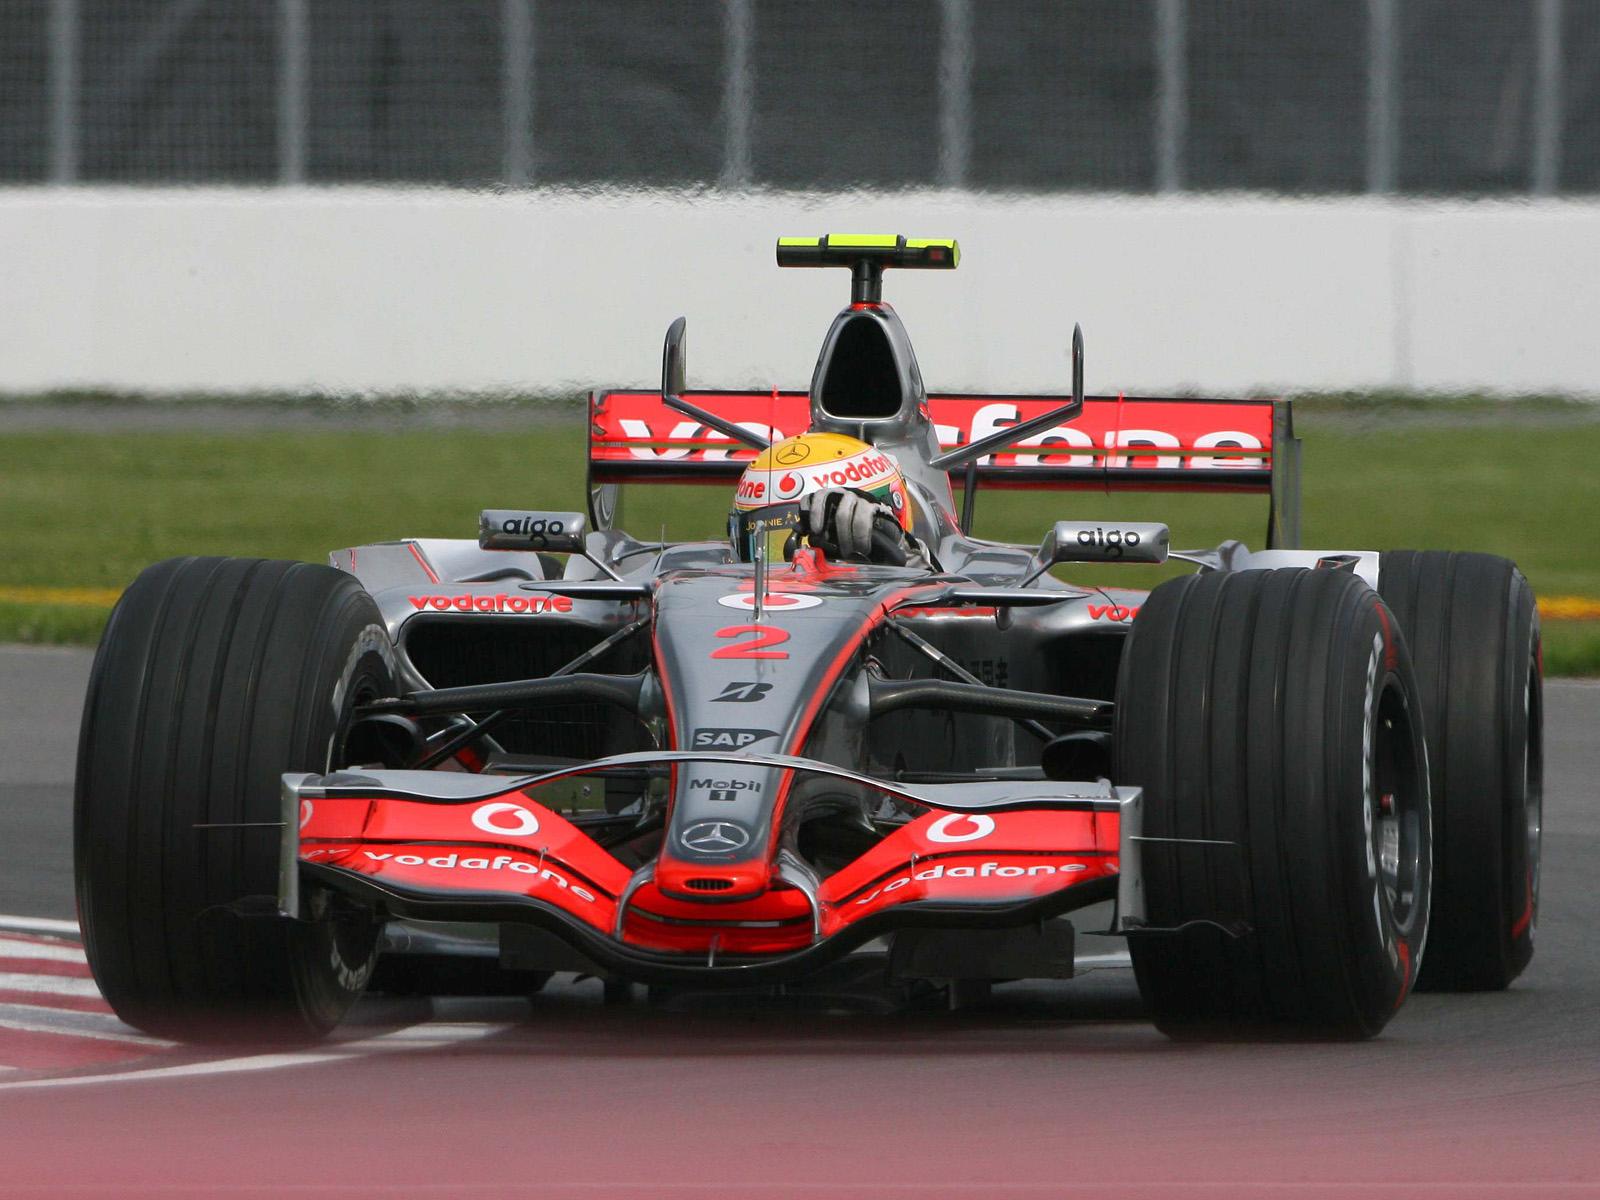 Mclaren F1 Pictures 20 Desktop Wallpaper